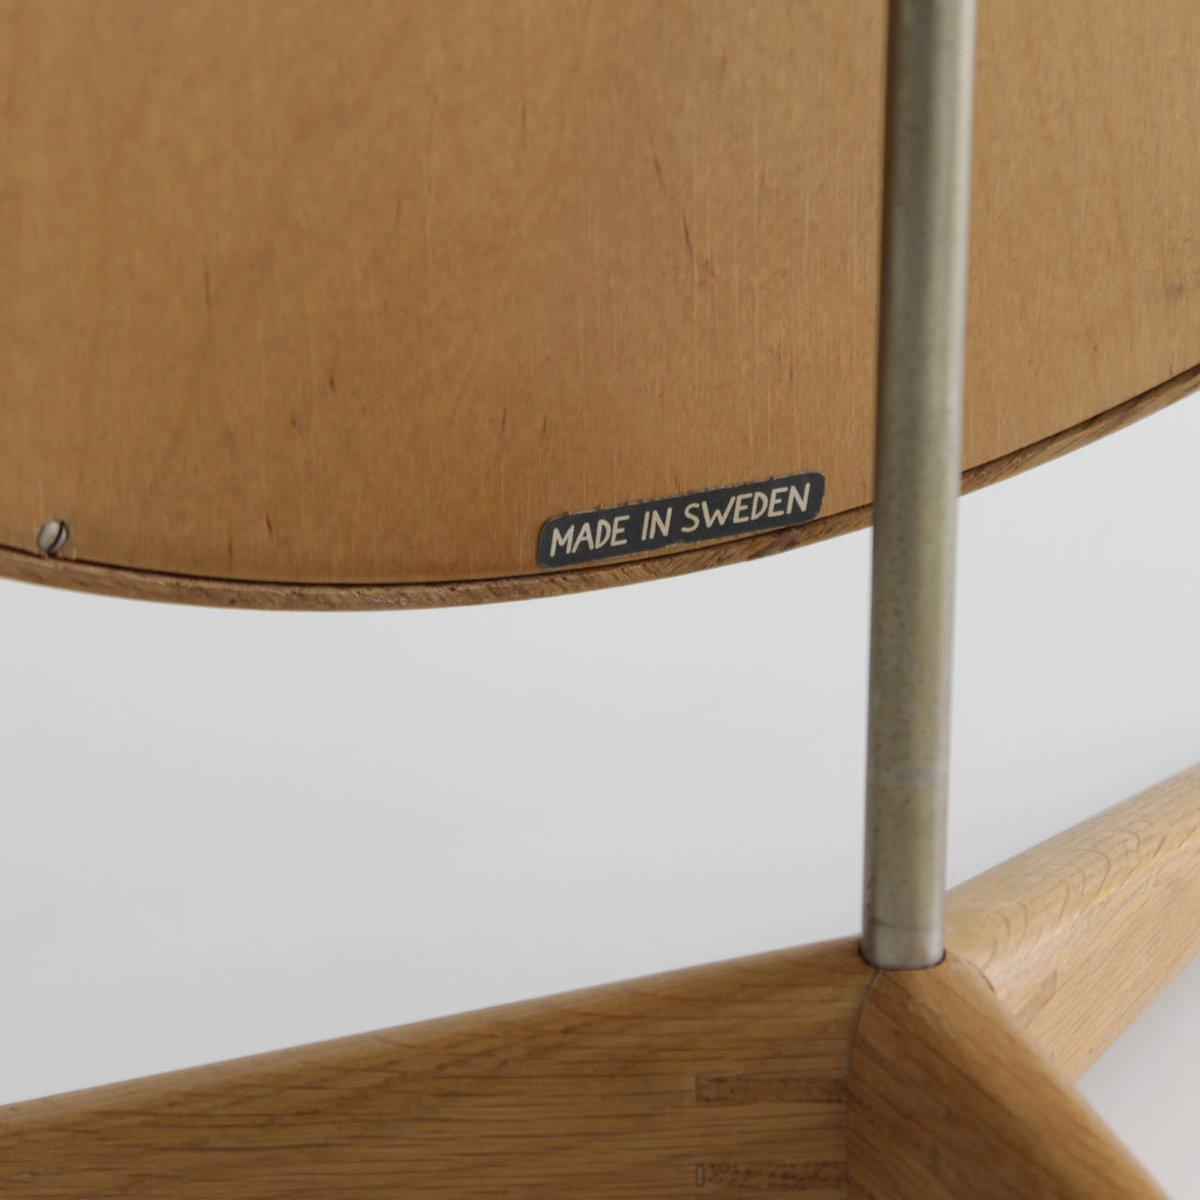 gerahmter tischsspiegel von uno osten kristiansson f r luxus of sweden 1960 bei pamono kaufen. Black Bedroom Furniture Sets. Home Design Ideas